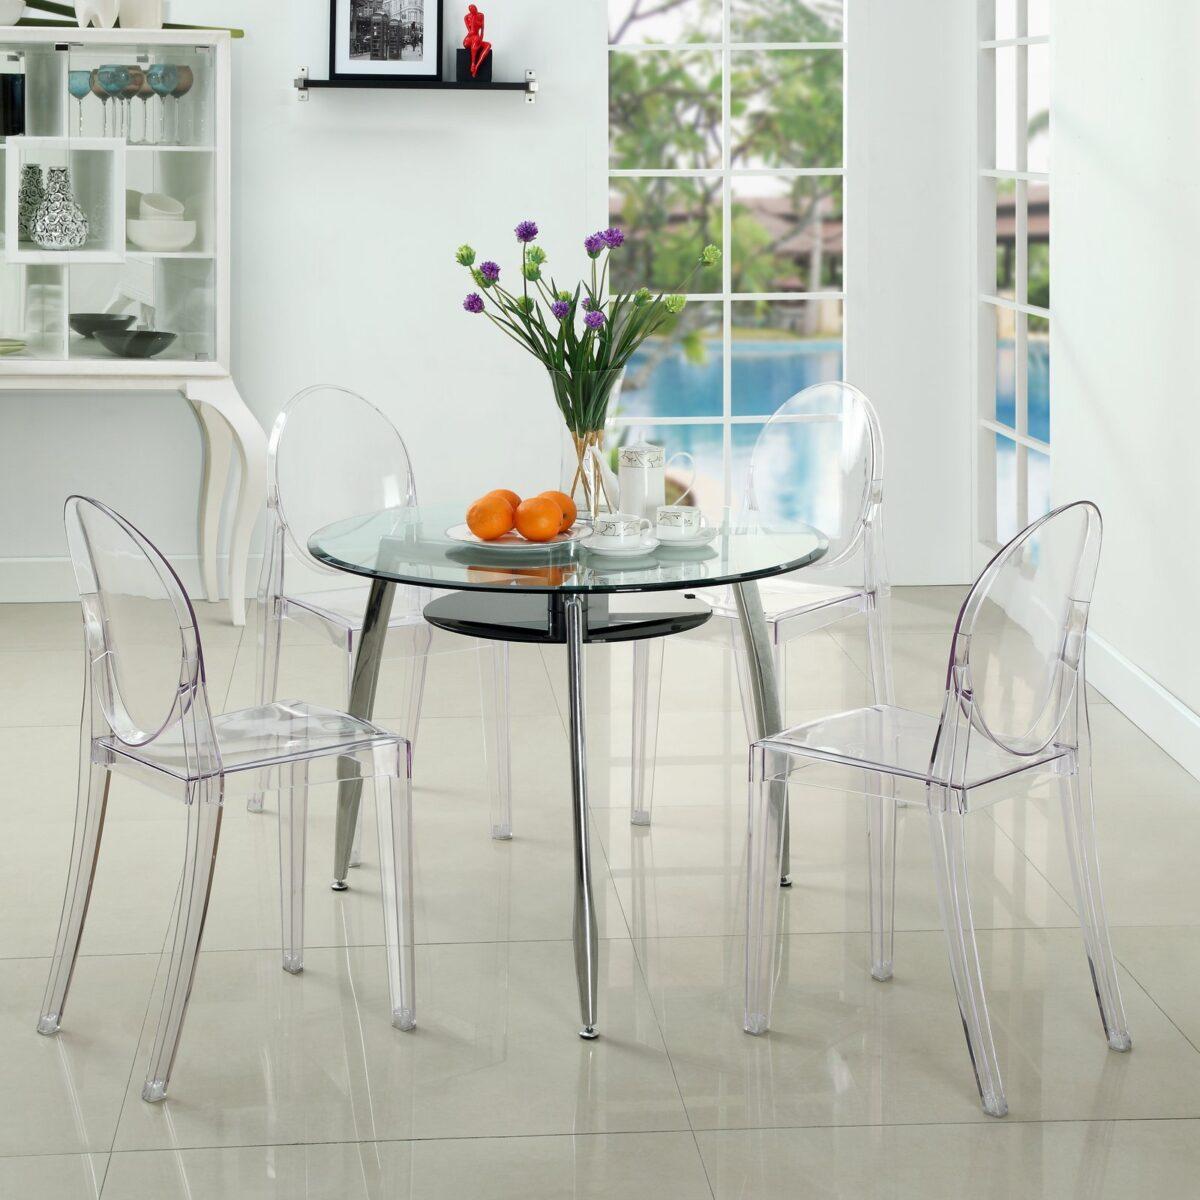 furniture-plexiglas-table